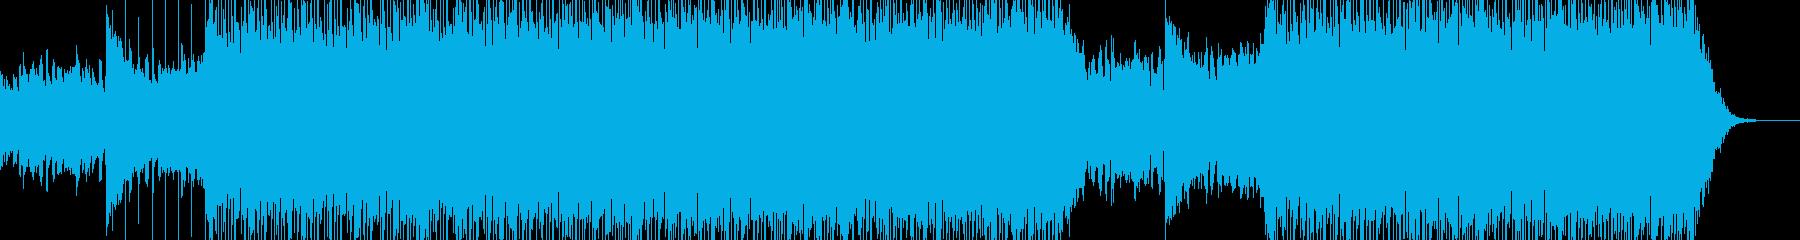 ぬくもりのあるコーポレート系BGMの再生済みの波形